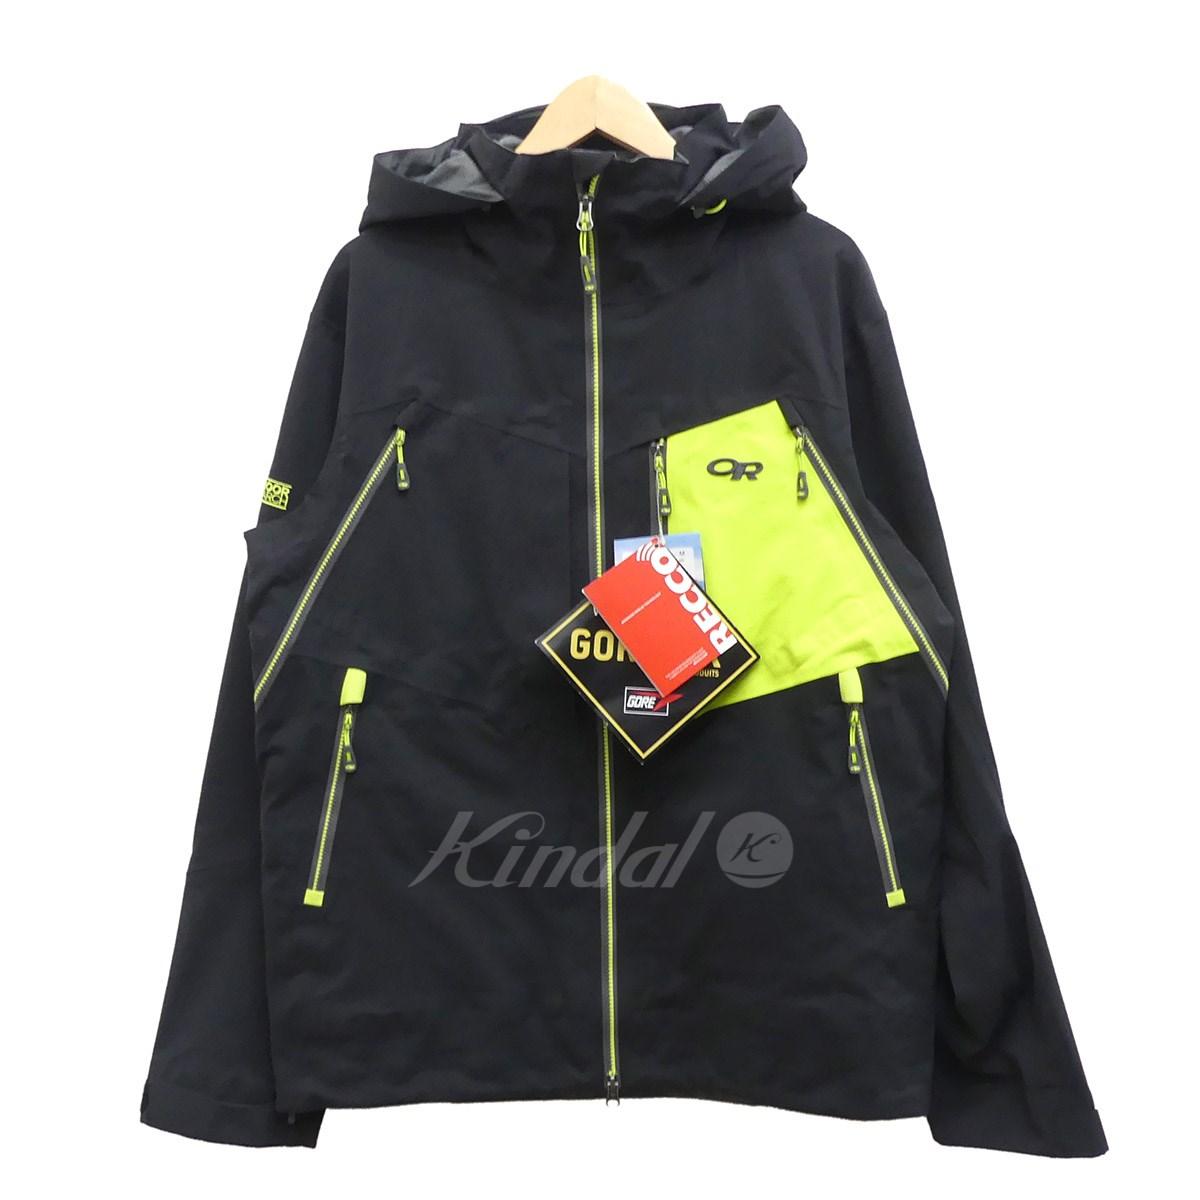 【中古】OUTDOOR RESEARCH マウンテンジャケット WHITE ROOM JACKET ブラック サイズ:M 【送料無料】 【080218】(アウトドアリサーチ)